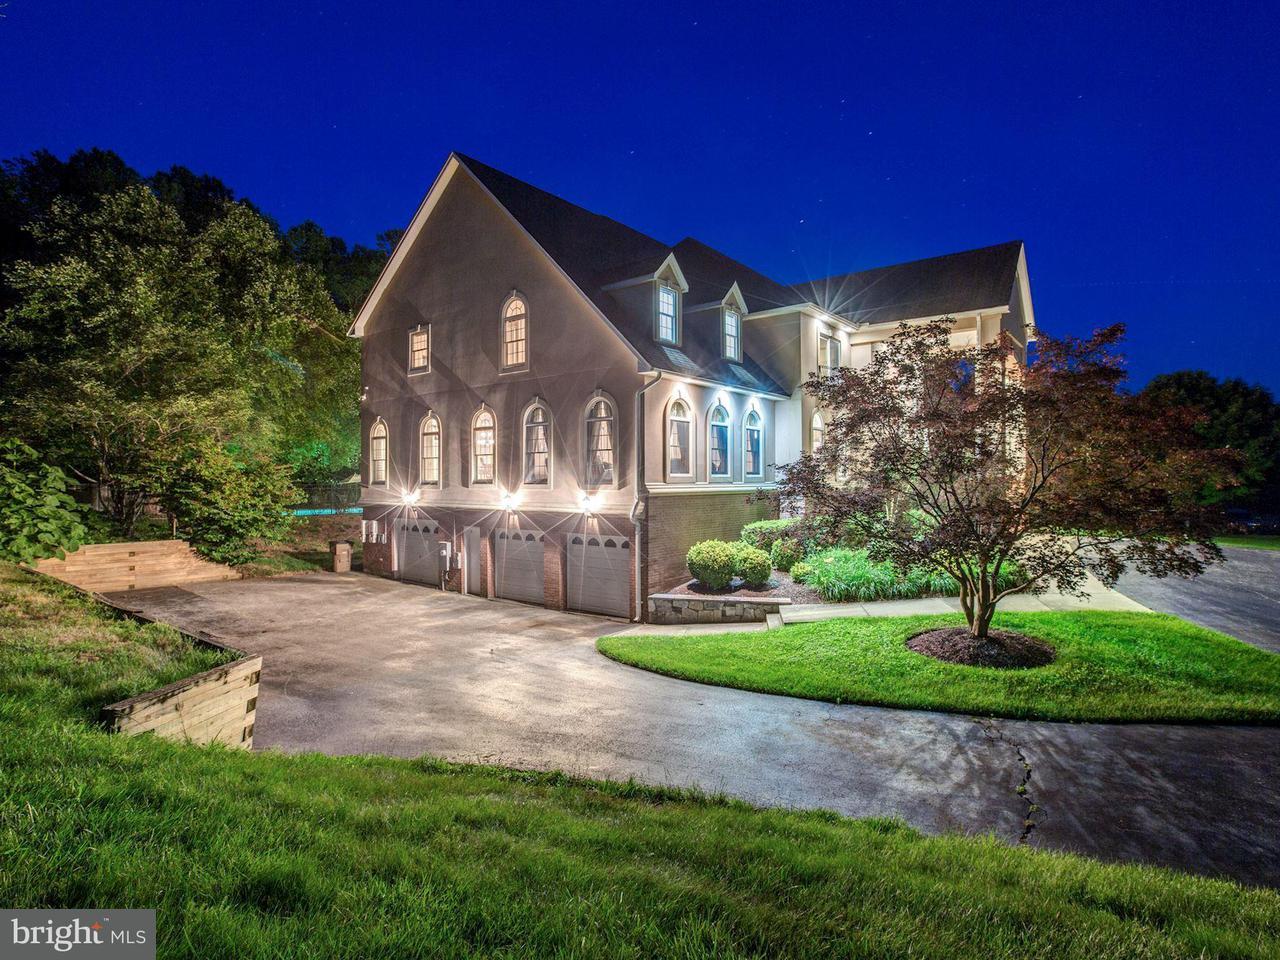 一戸建て のために 売買 アット 11000 BROOKES RESERVE Road 11000 BROOKES RESERVE Road Upper Marlboro, メリーランド 20772 アメリカ合衆国